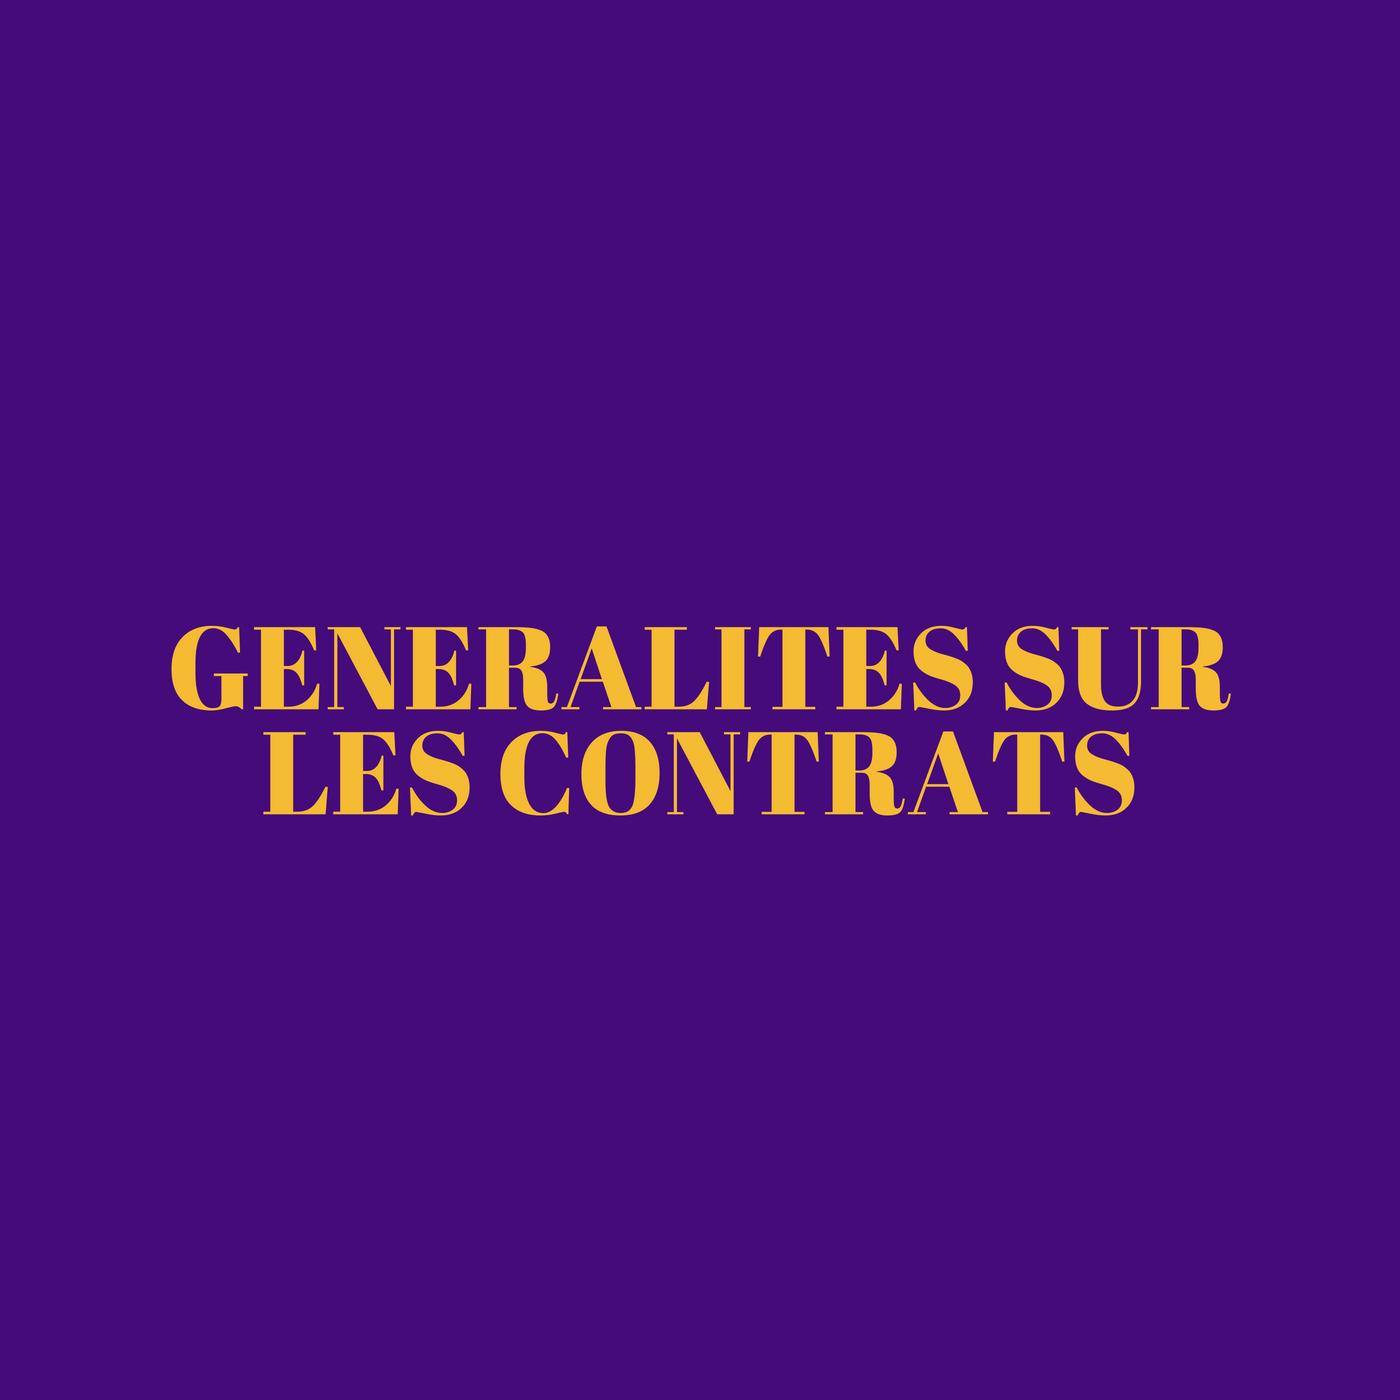 Généralités sur les contrats